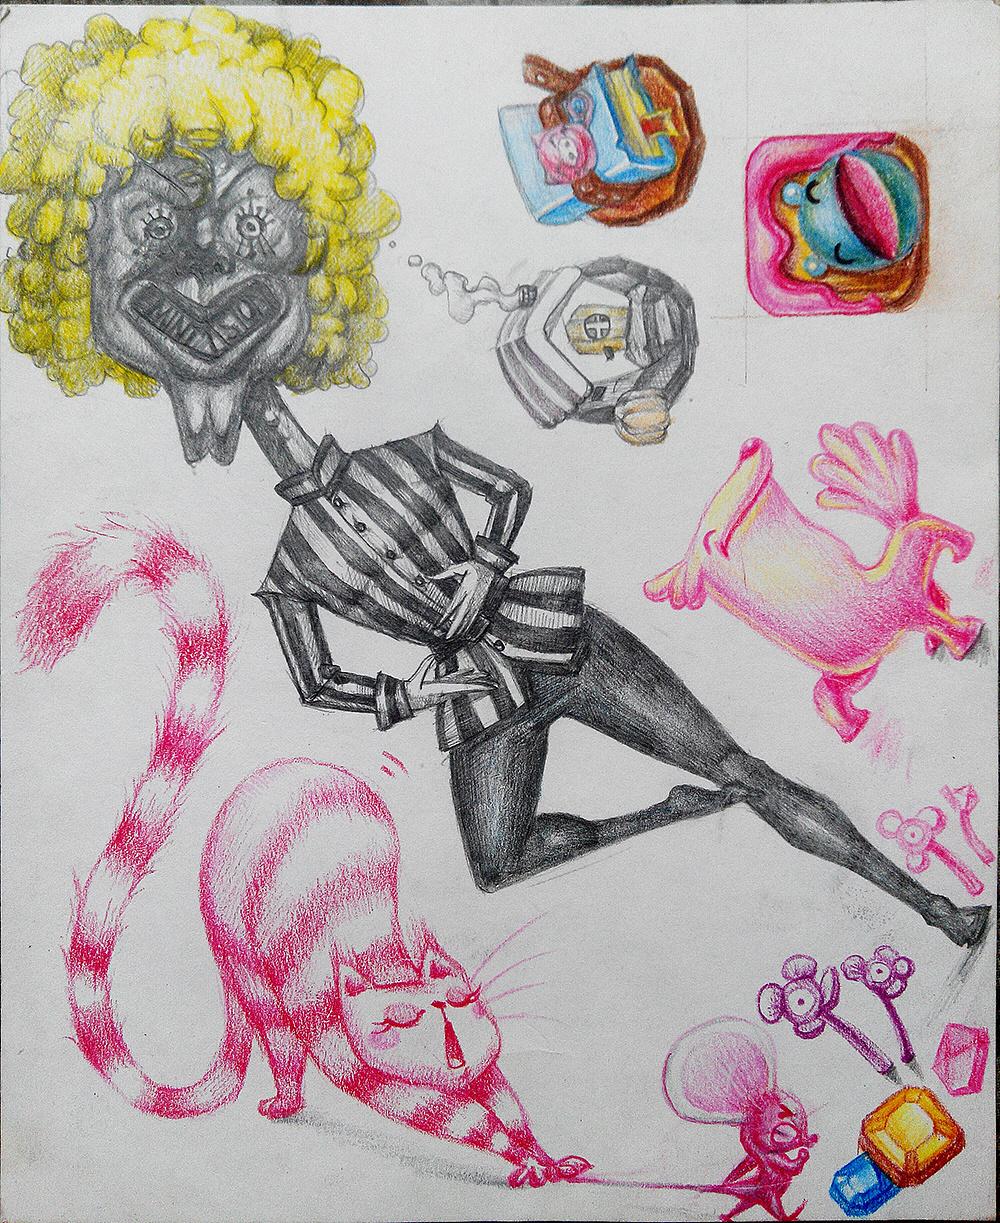 彩铅手绘|插画|插画习作|饭菜翔 - 原创作品 - 站酷